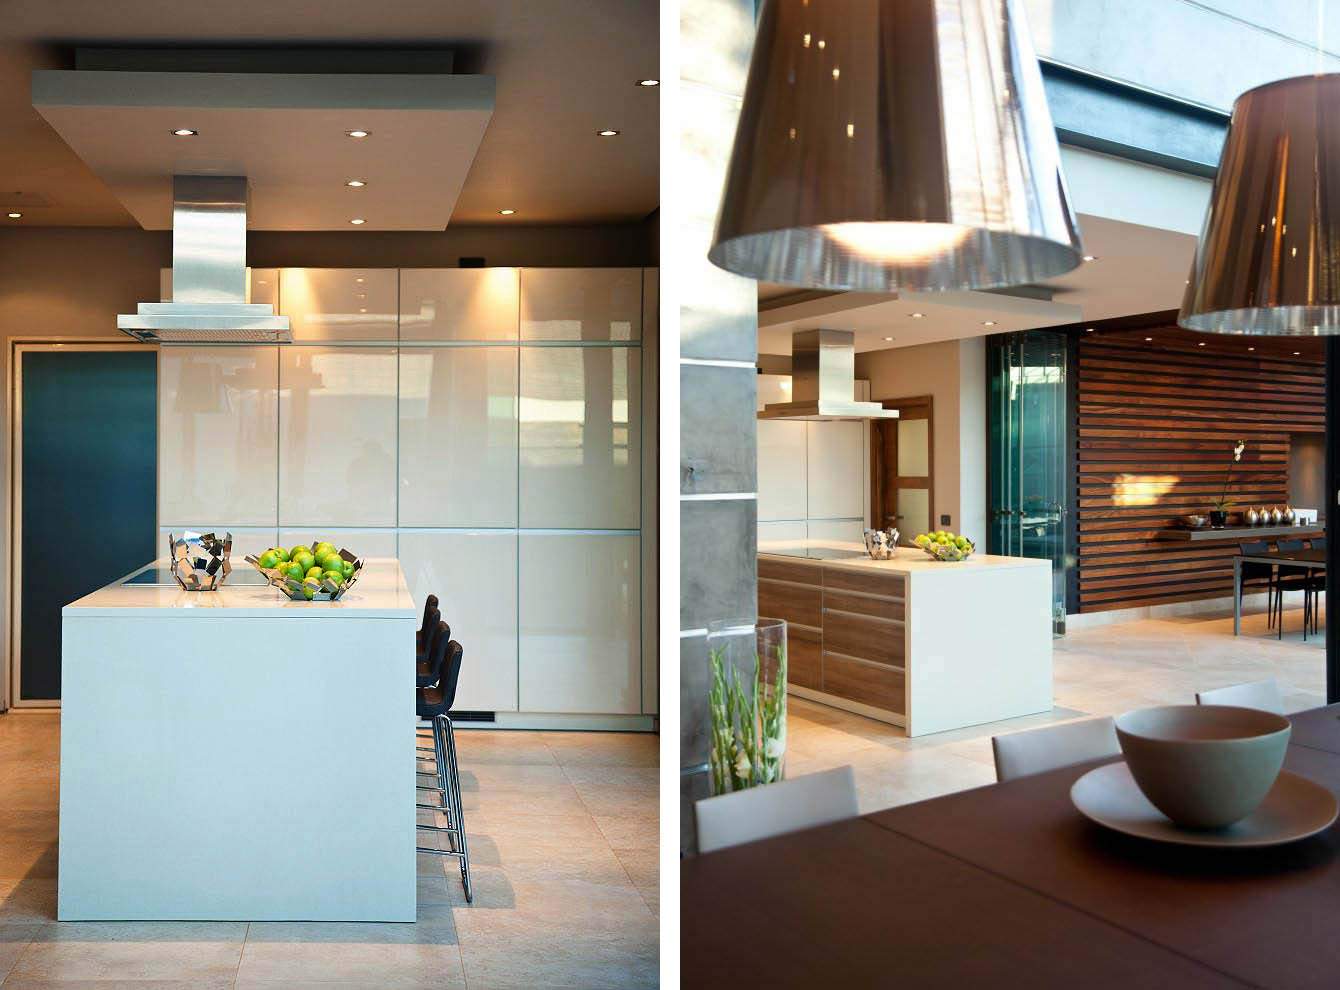 house-aboobaker-by-nico-van-der-meulen-architects-14